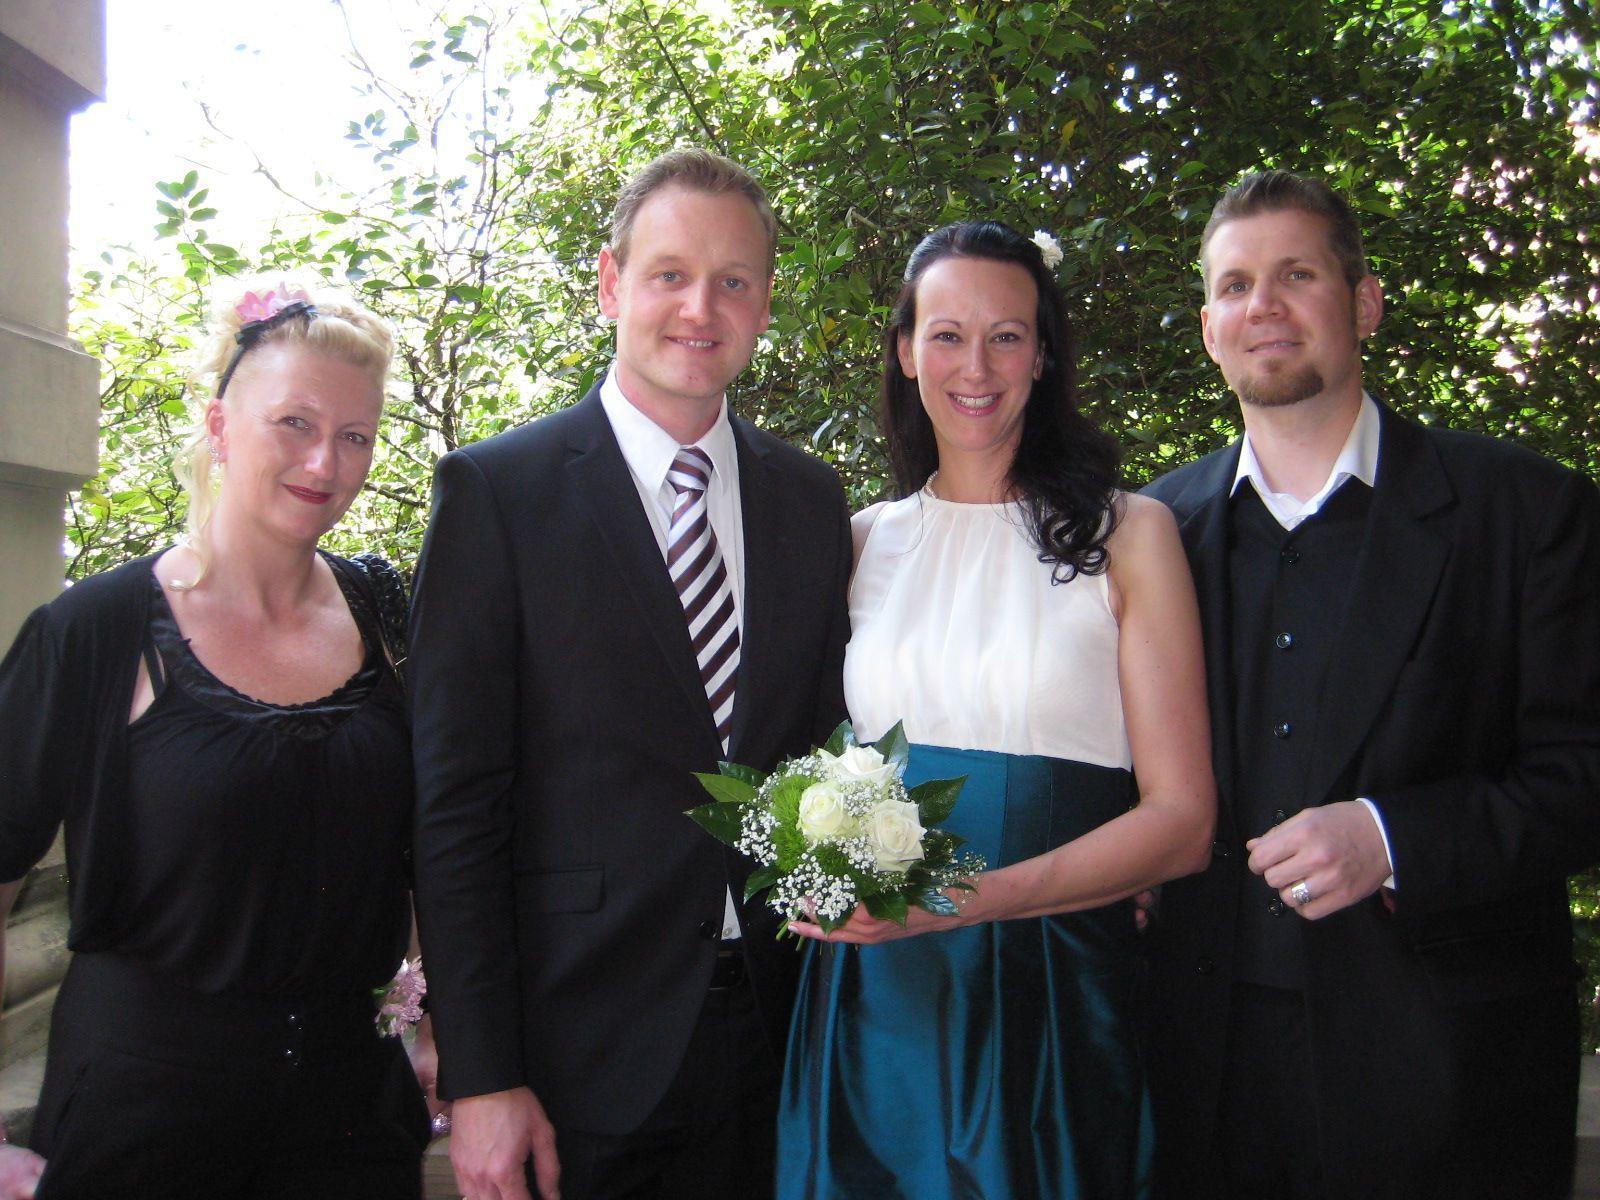 Bettina Birzle und Michael Kleinmaier haben geheiratet.